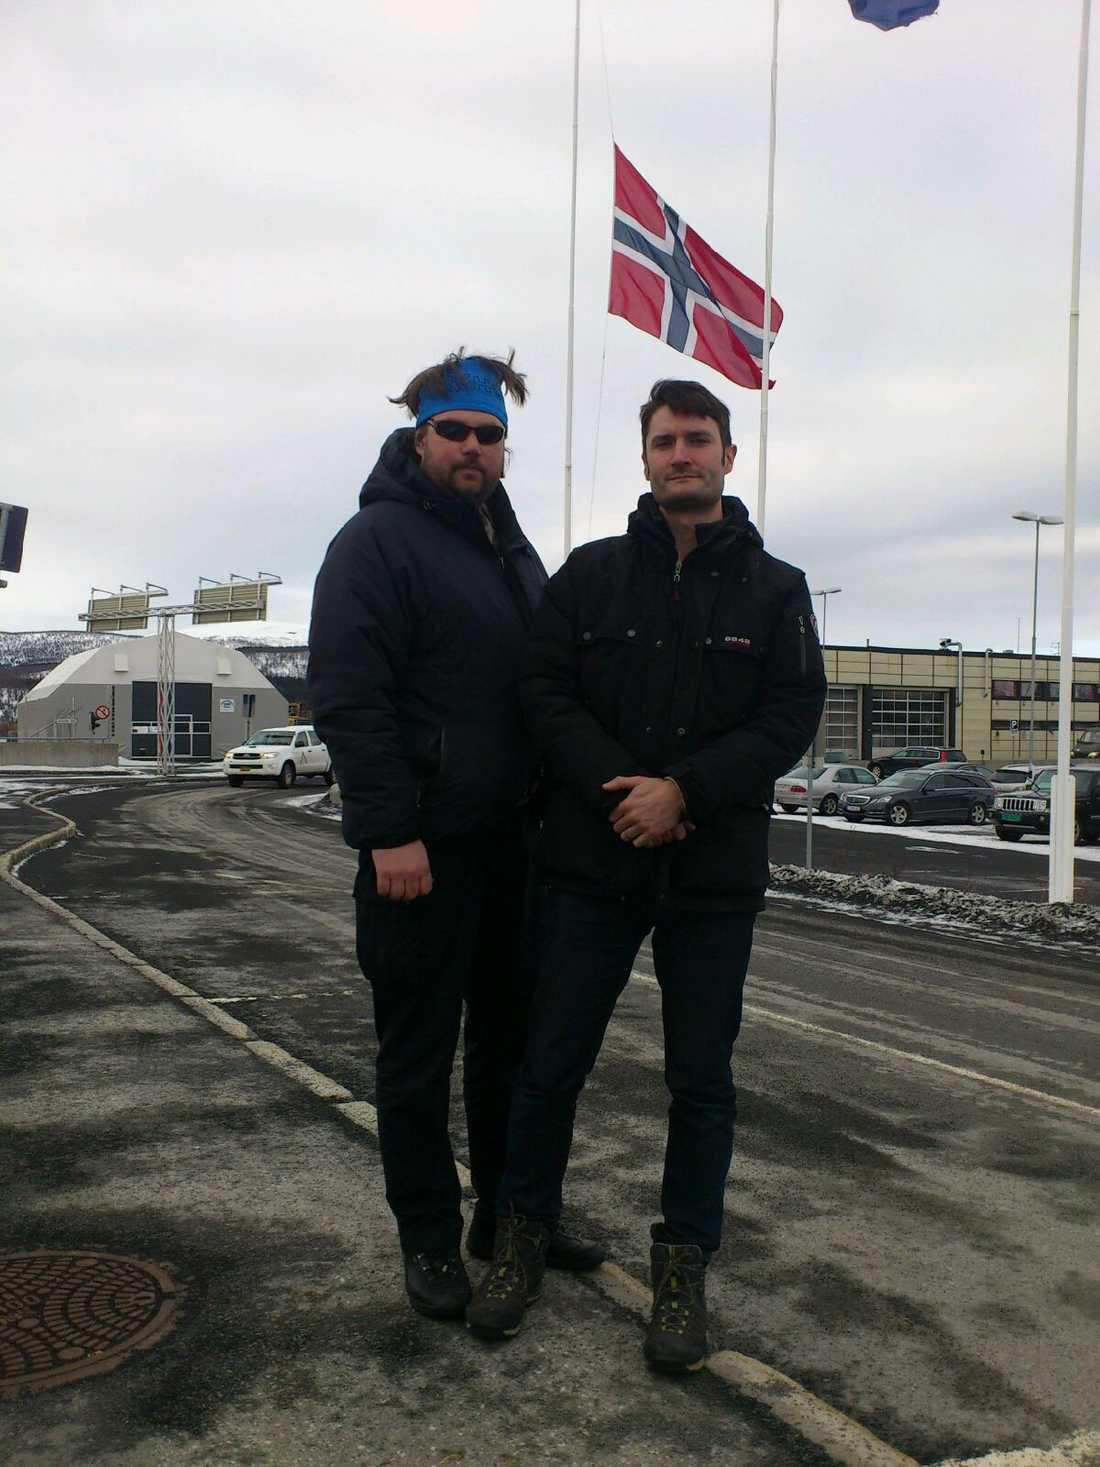 Aftonbladets fotograf Patrick Trägårdh och reporter Andres Munck i Evenes, Norge.